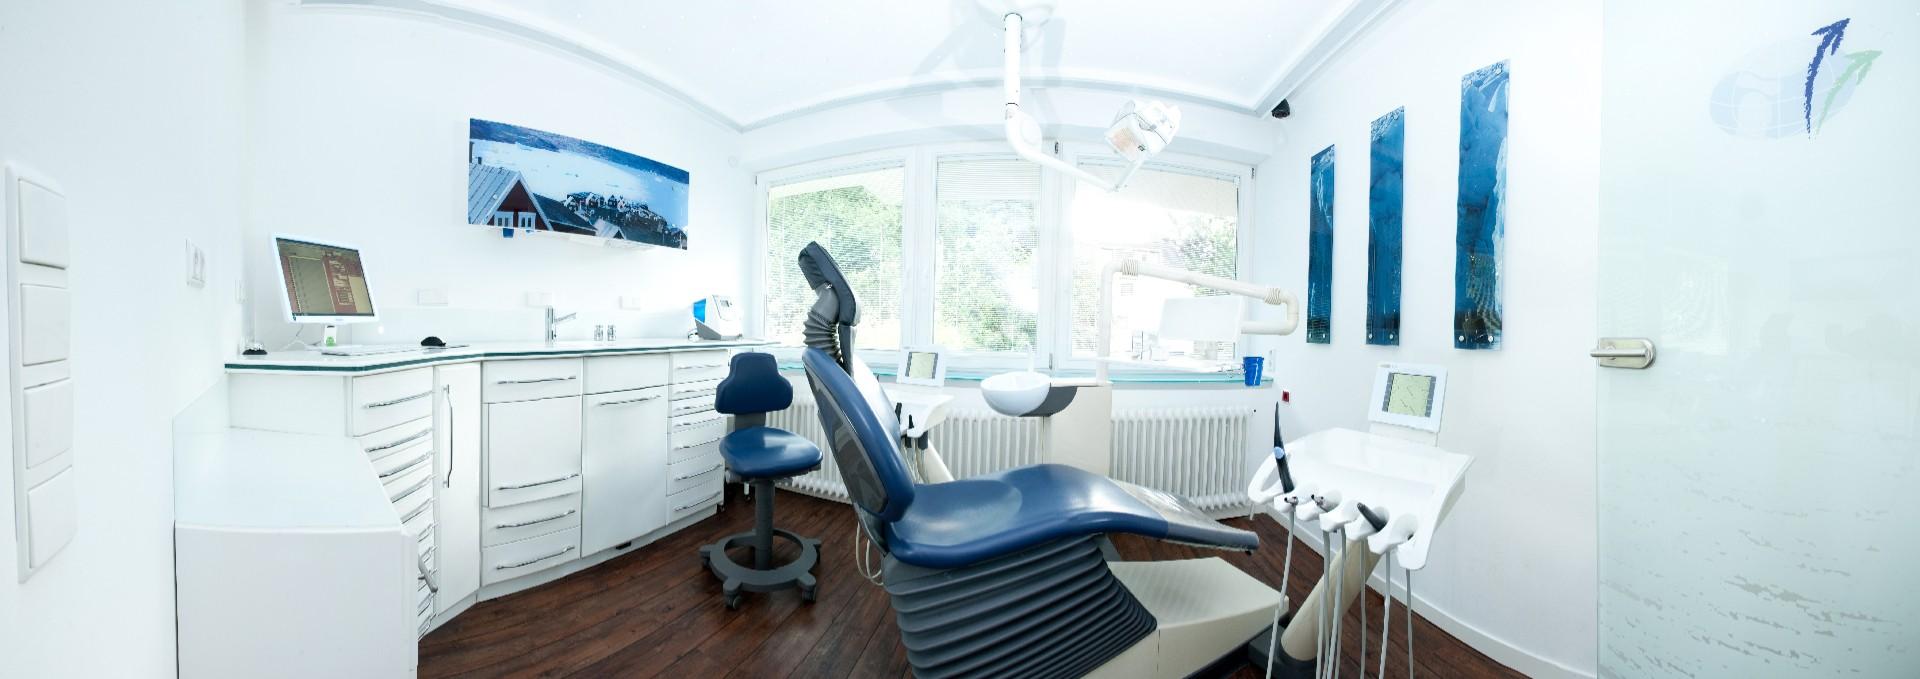 Zahnersatz Bremen: die Praxis der Partnerschaft für interdisziplinäre ZahnMedizin